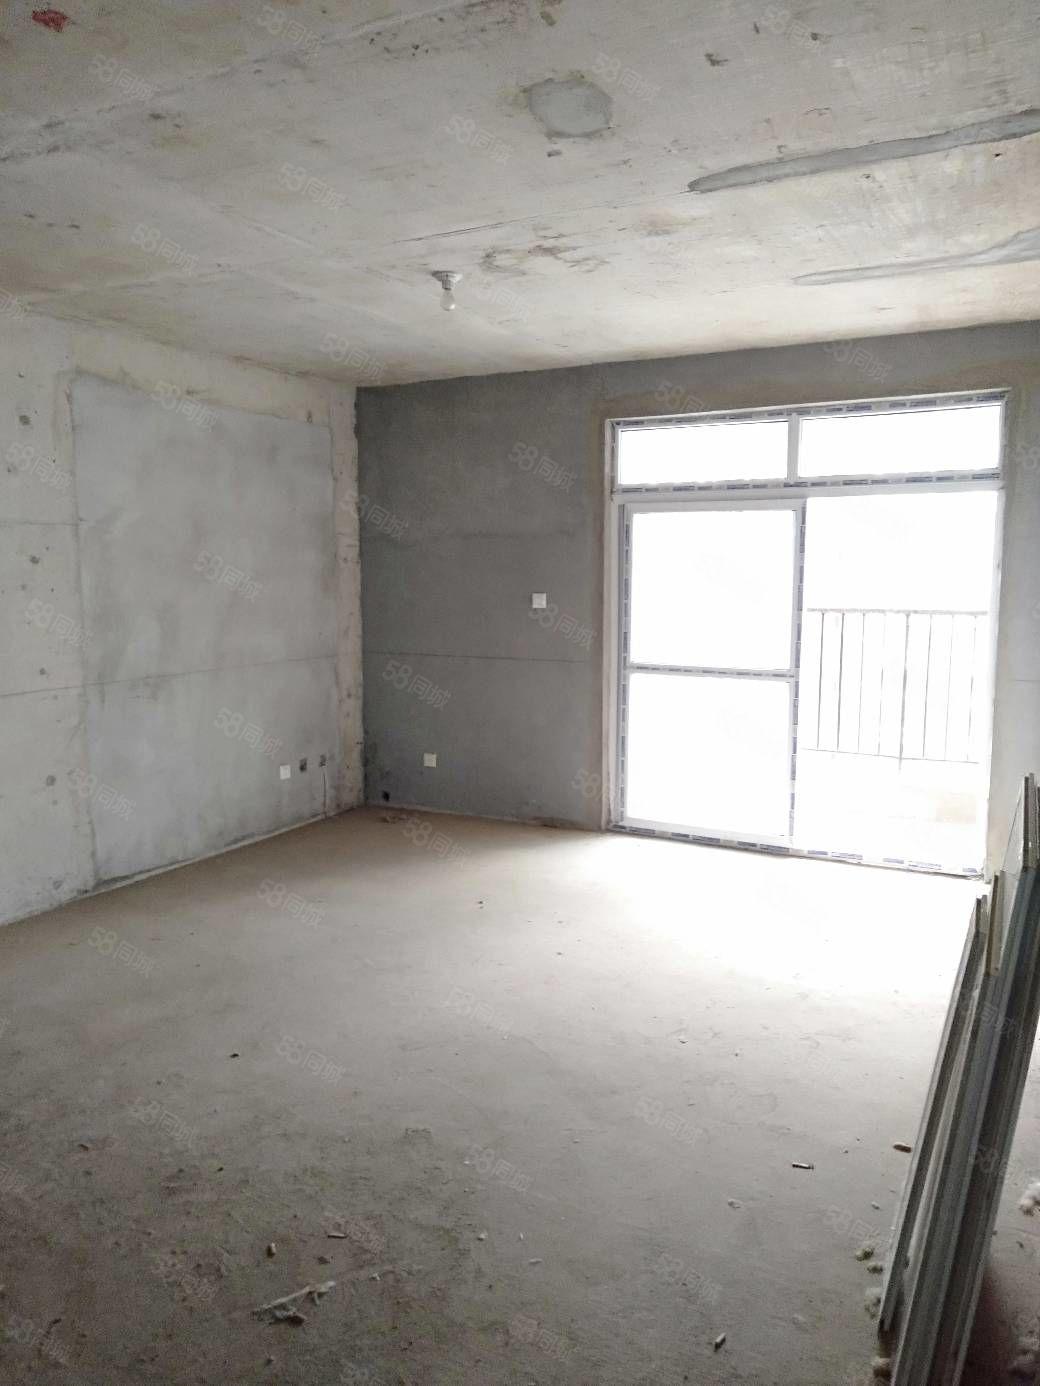 江边中青国际二期128平3室2厅66万可按揭